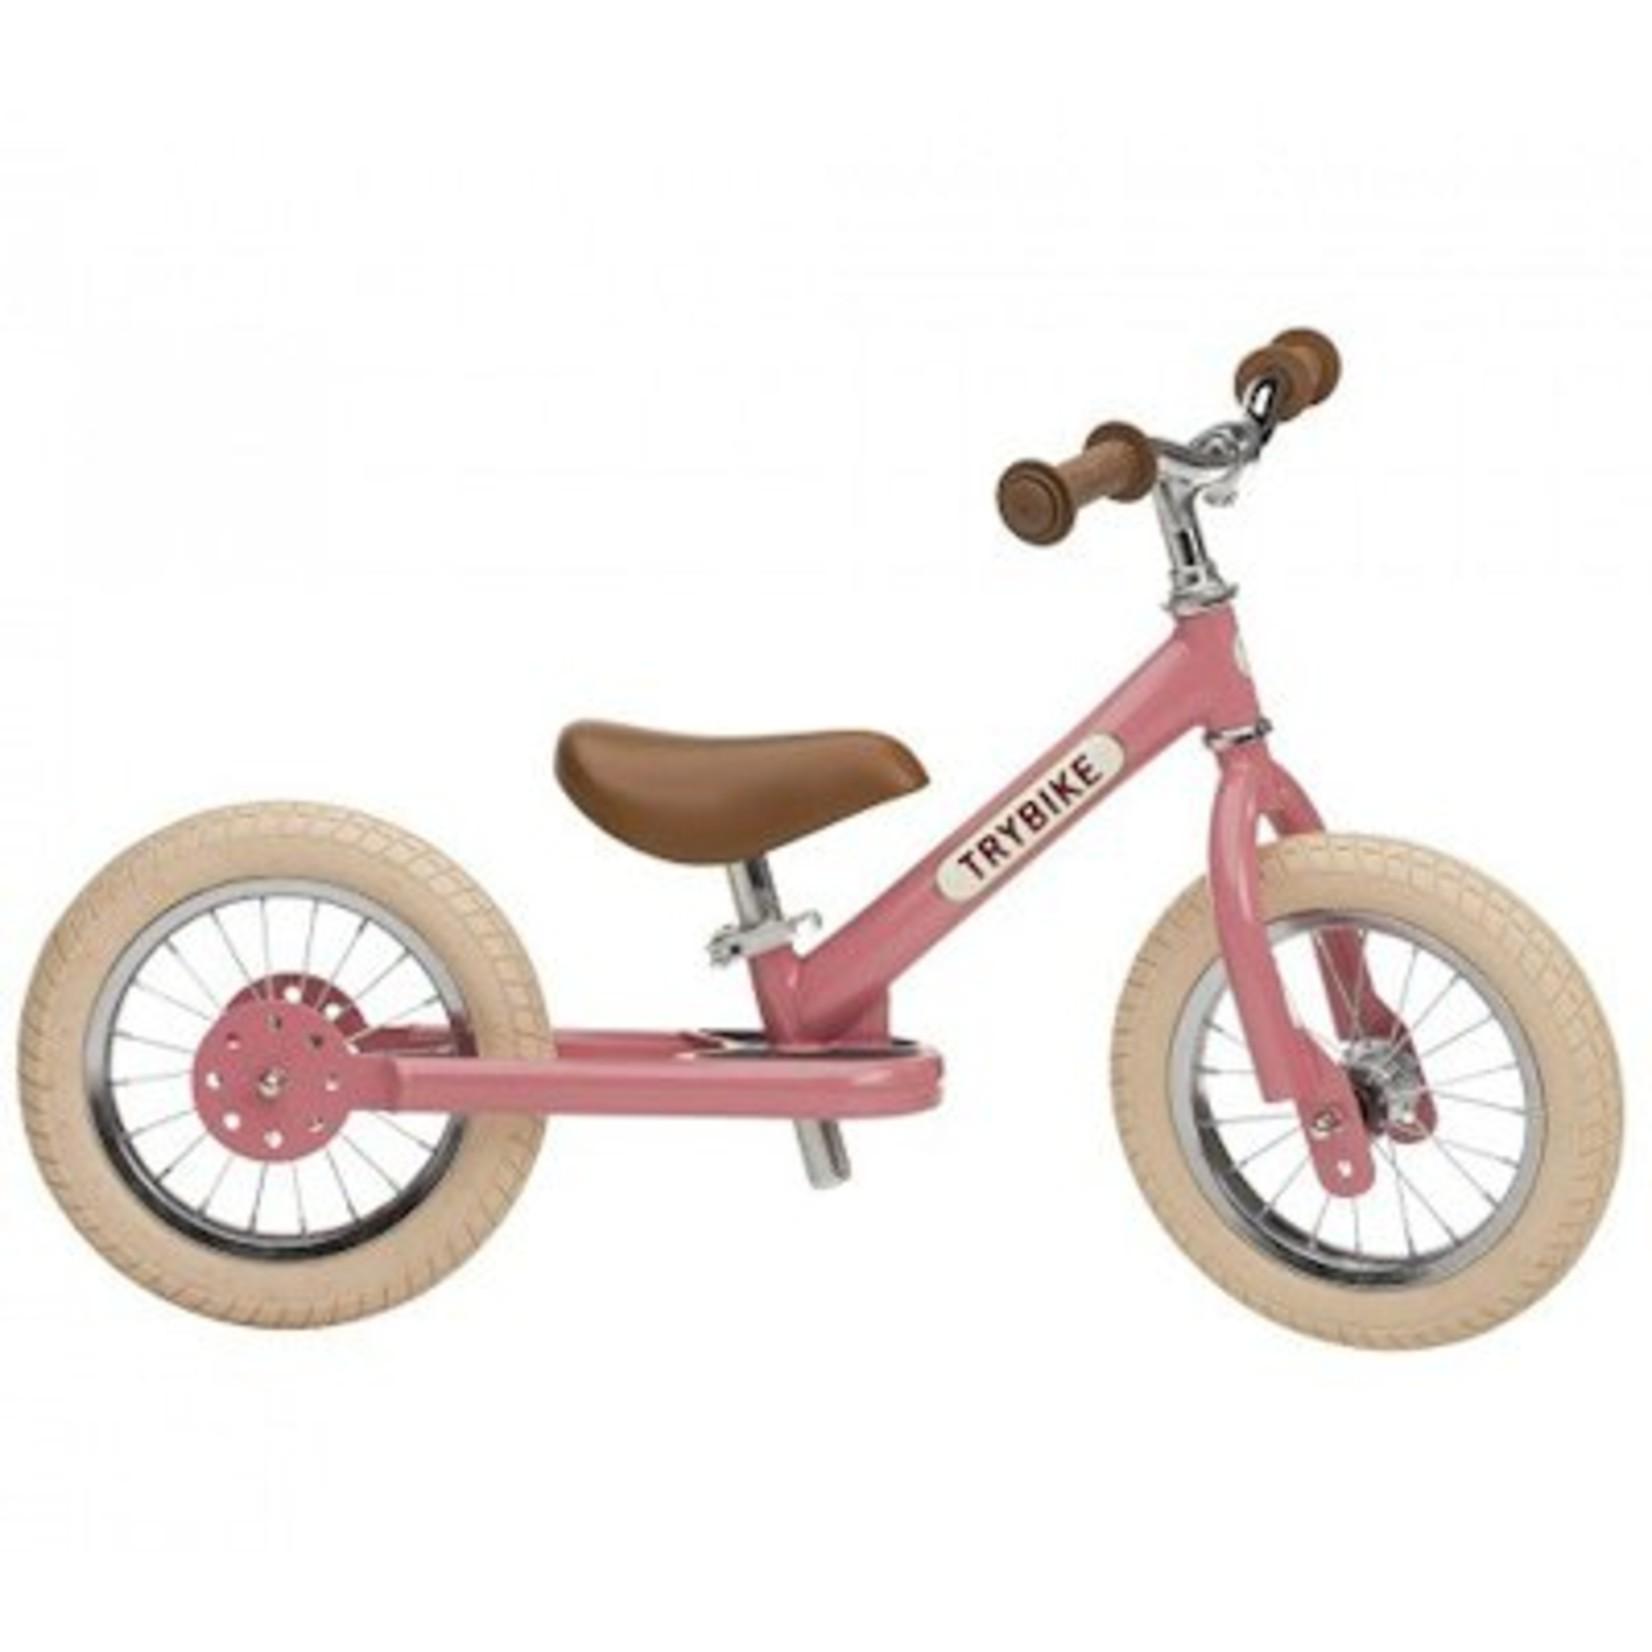 Trybike Trybike steel vintage loopfiets Pink